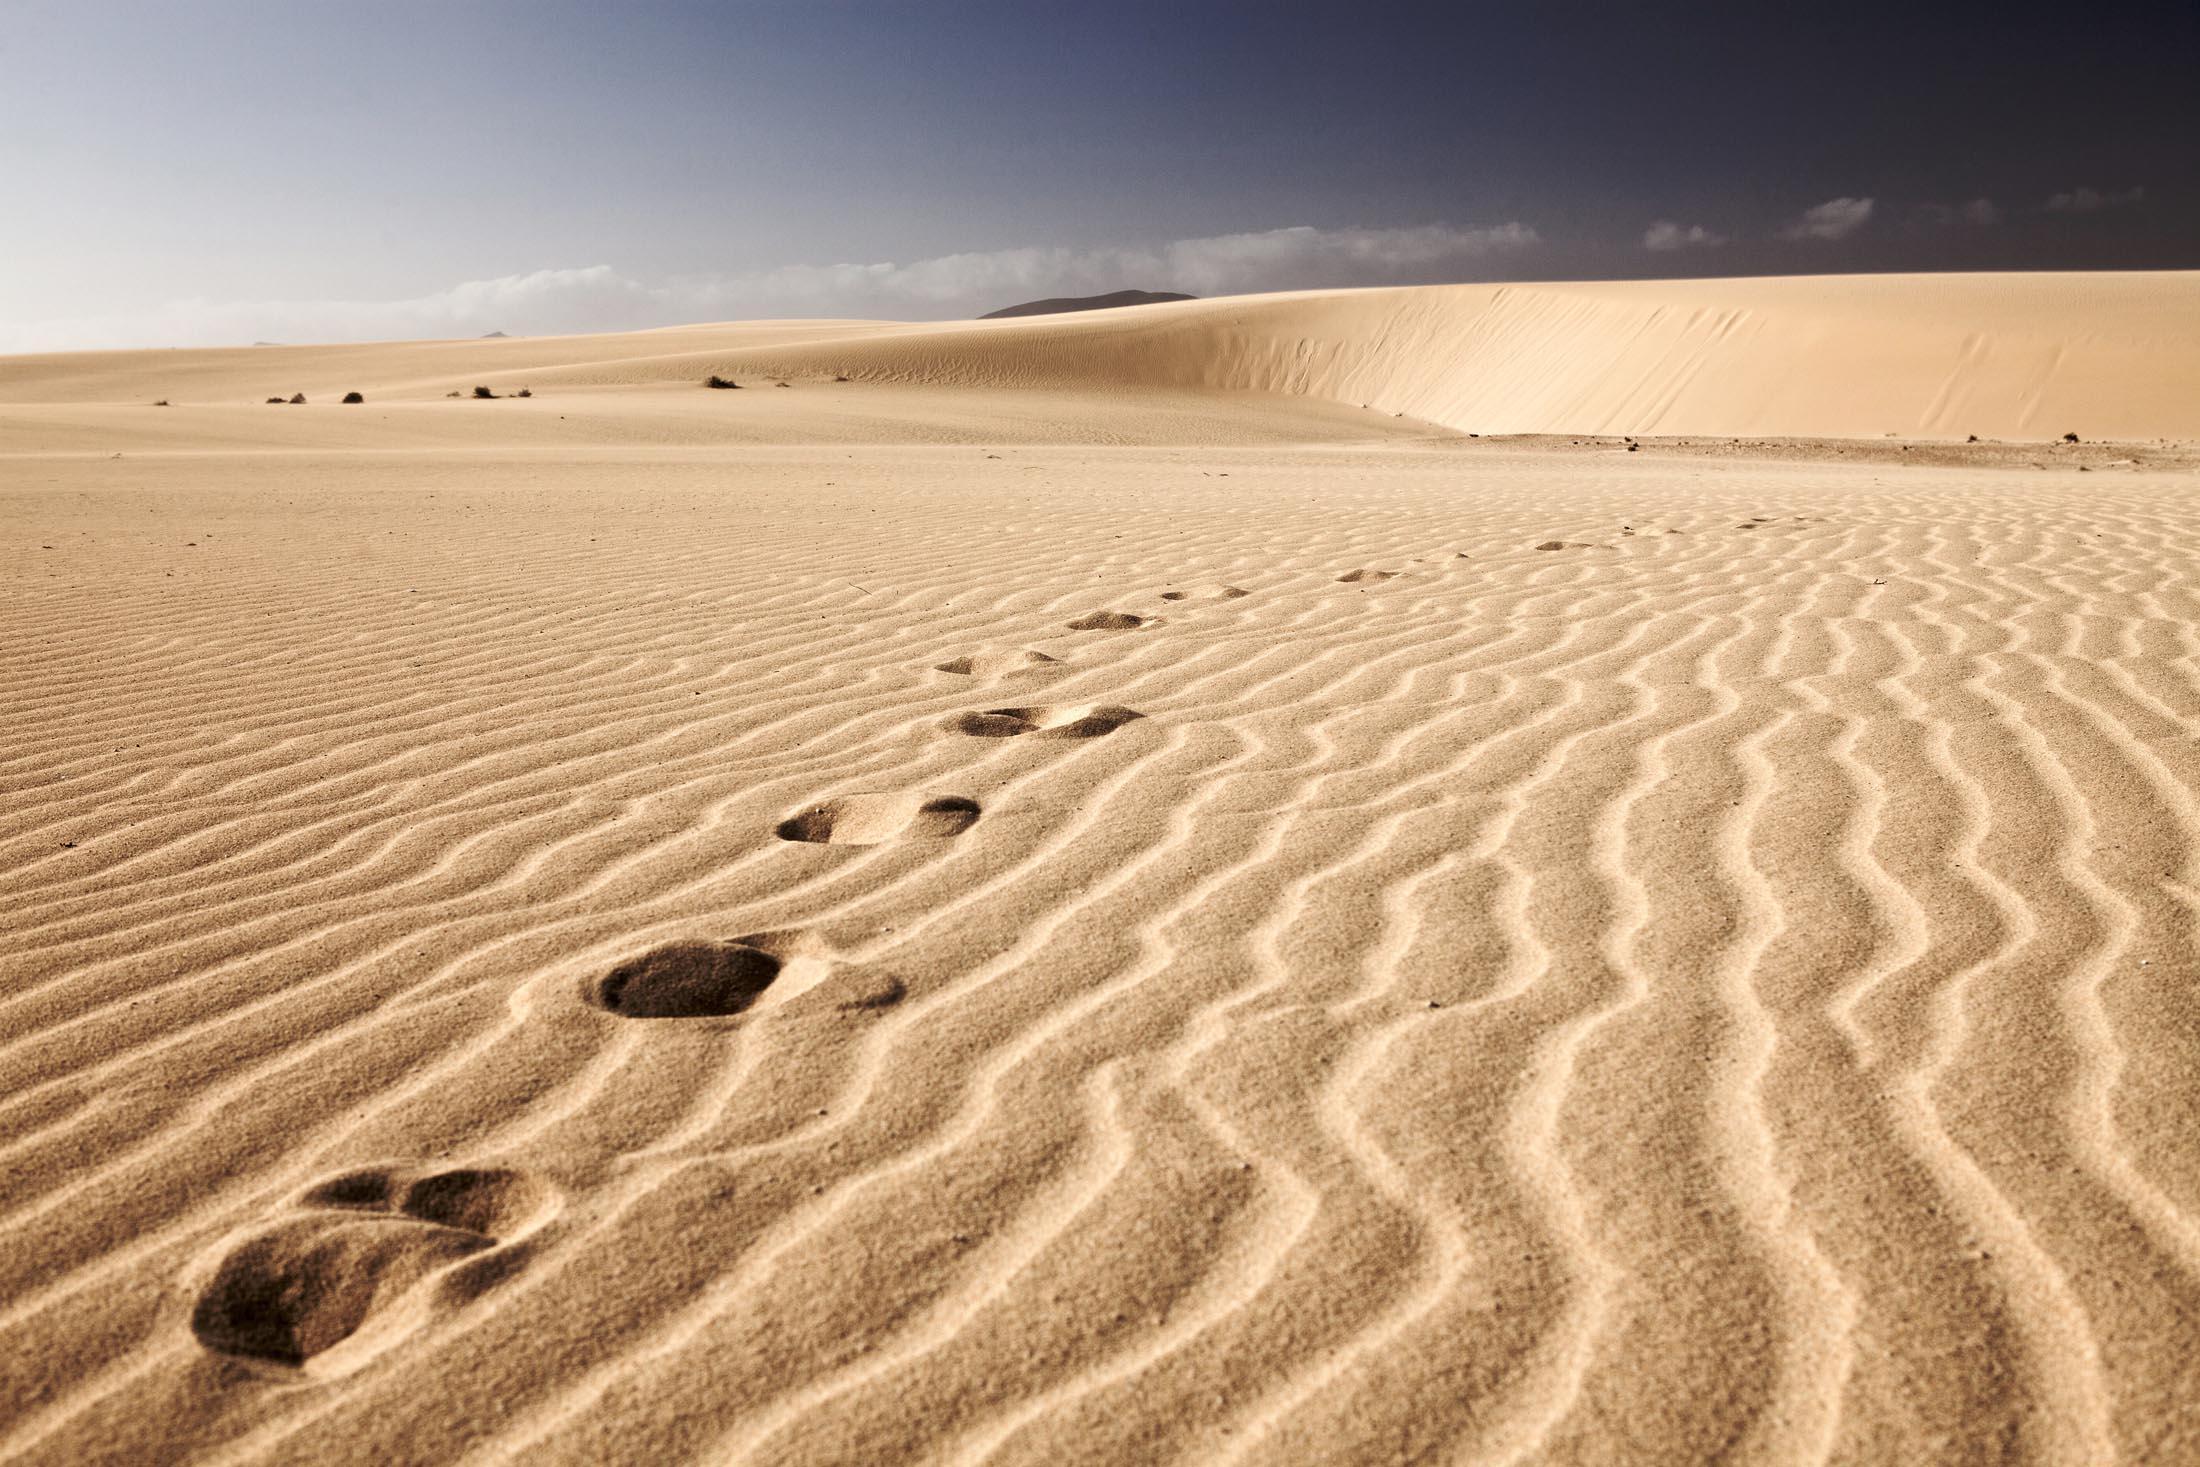 Footsteps in the desert, Fuerteventura